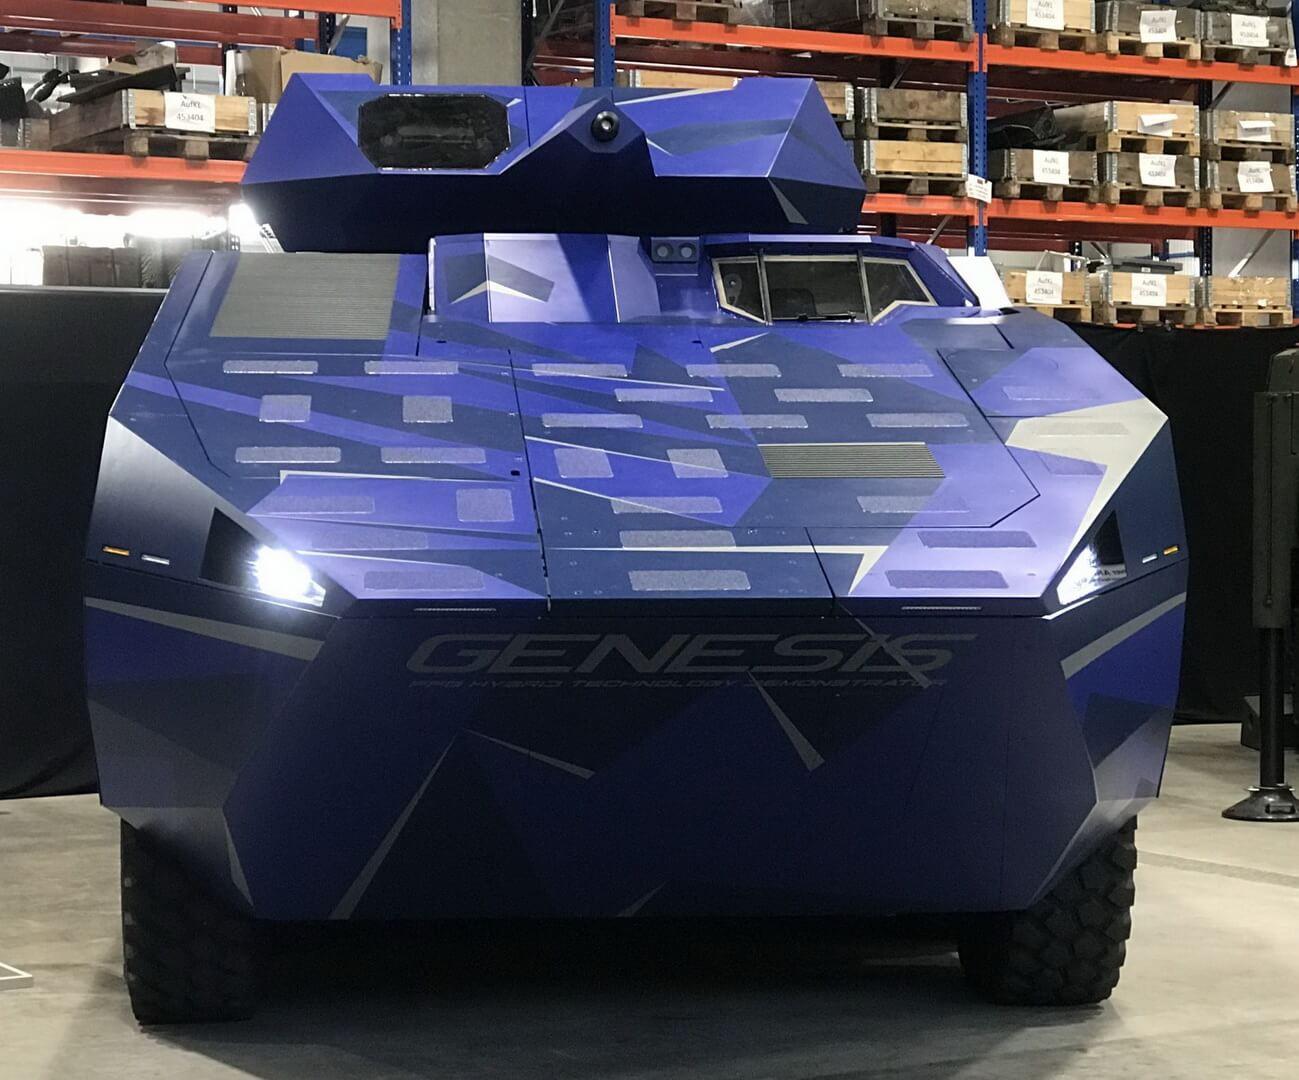 В Германии представили гибридный БМП с пробегом 150 км в полностью электрическом режиме